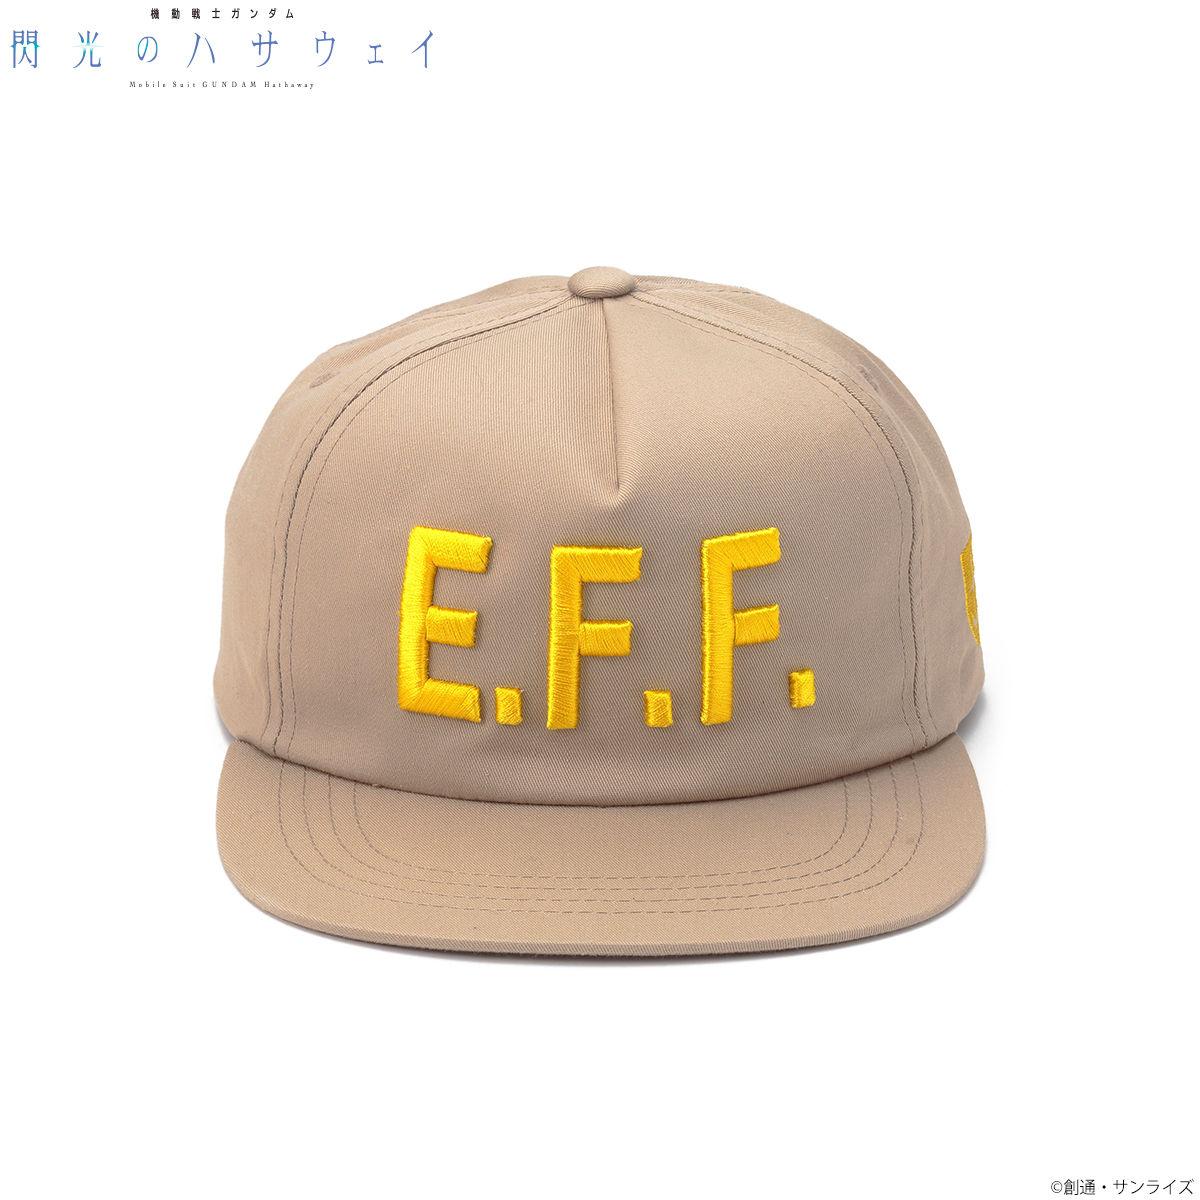 E.F.F. Cap—Mobile Suit Gundam Hathaway